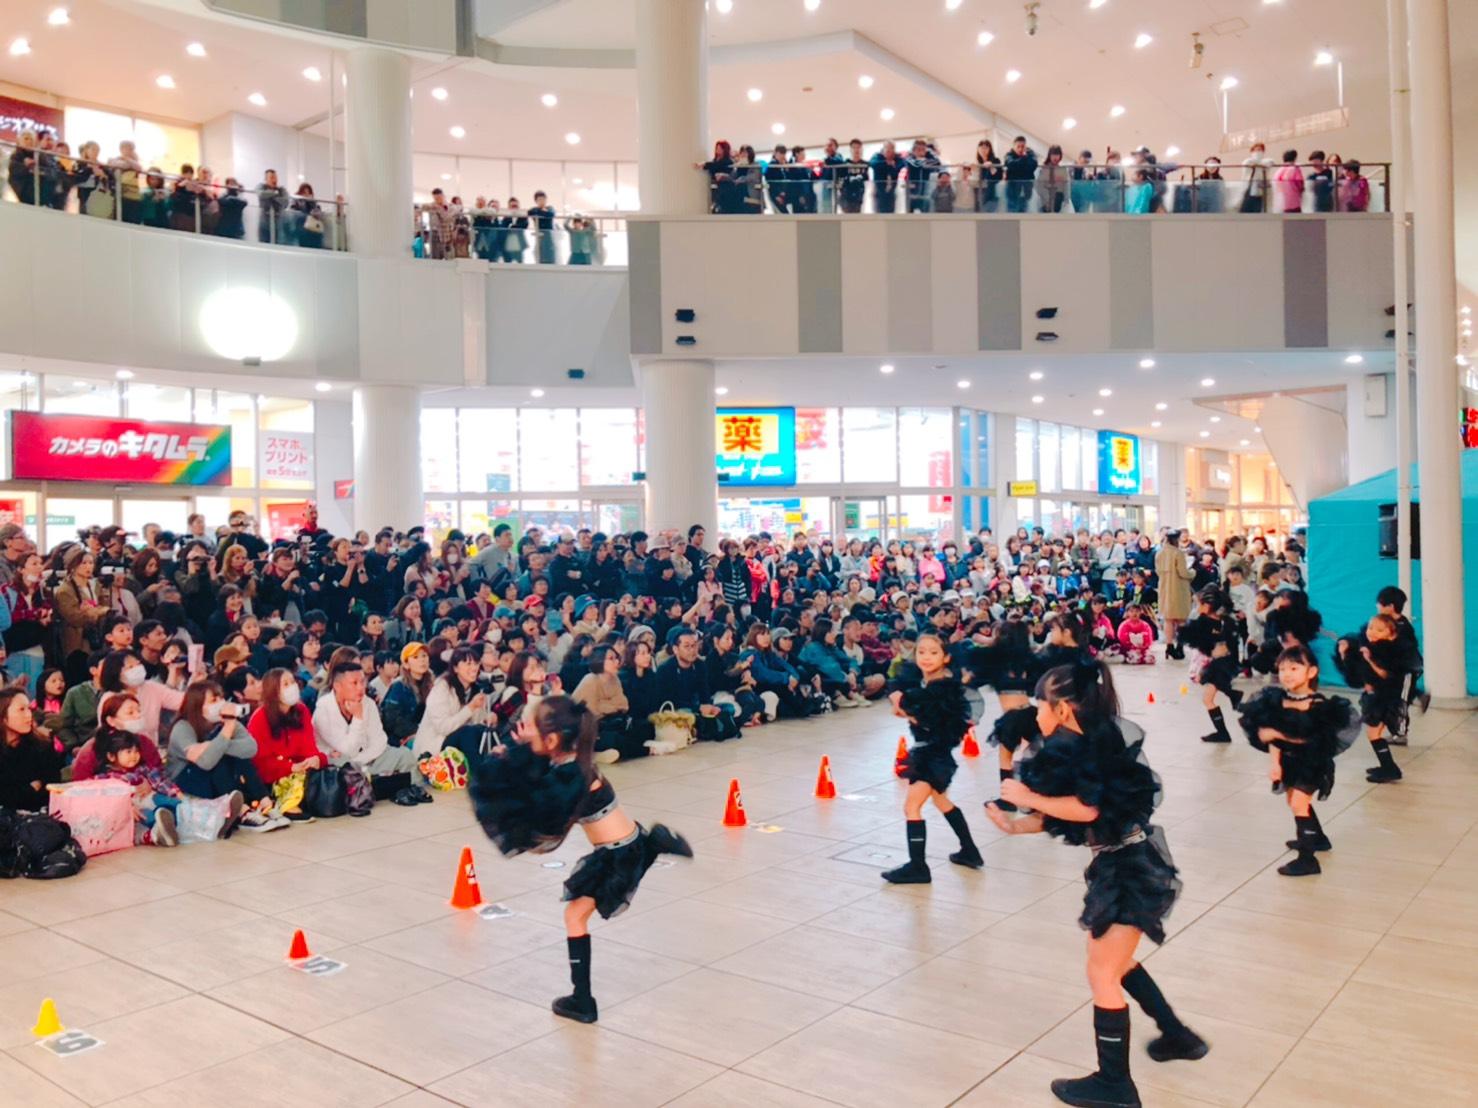 2019.11.4 BONNY BiVi  無料観覧イベント Vol.3